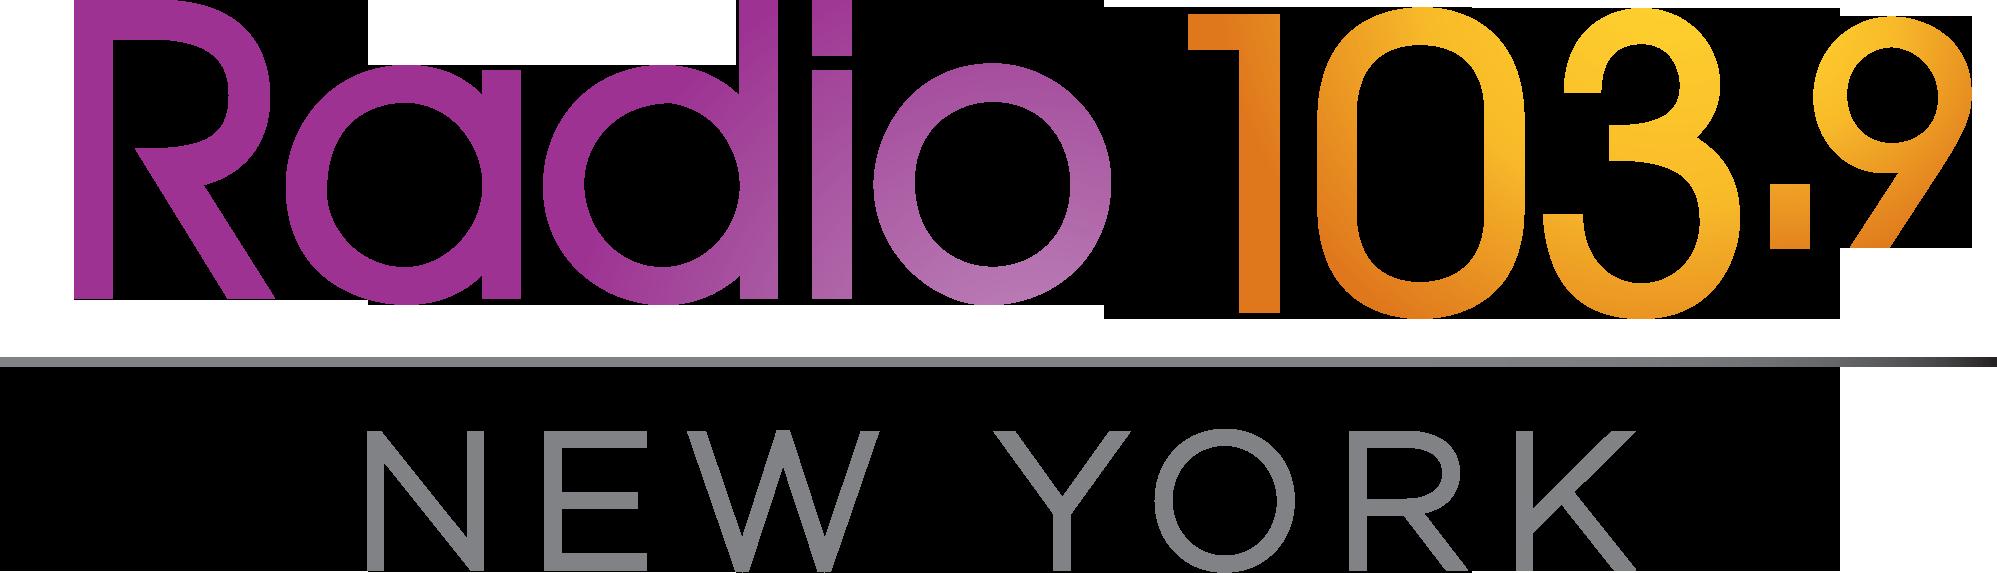 Radio_103.9.png